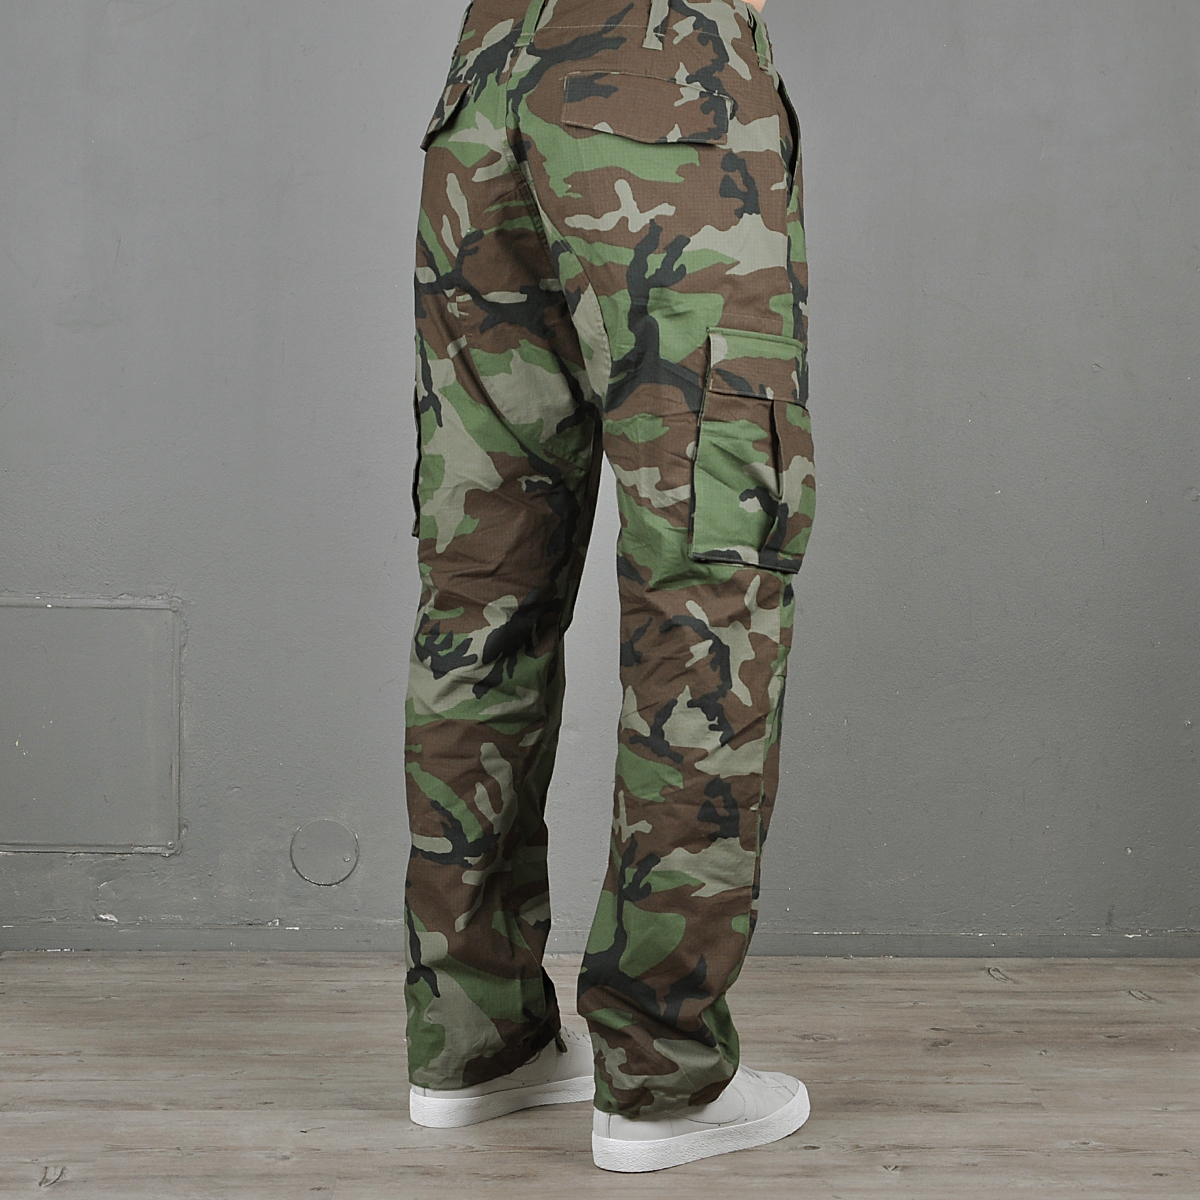 5c8fb0d052a8 Nike SB Flex FTM Cargo pant